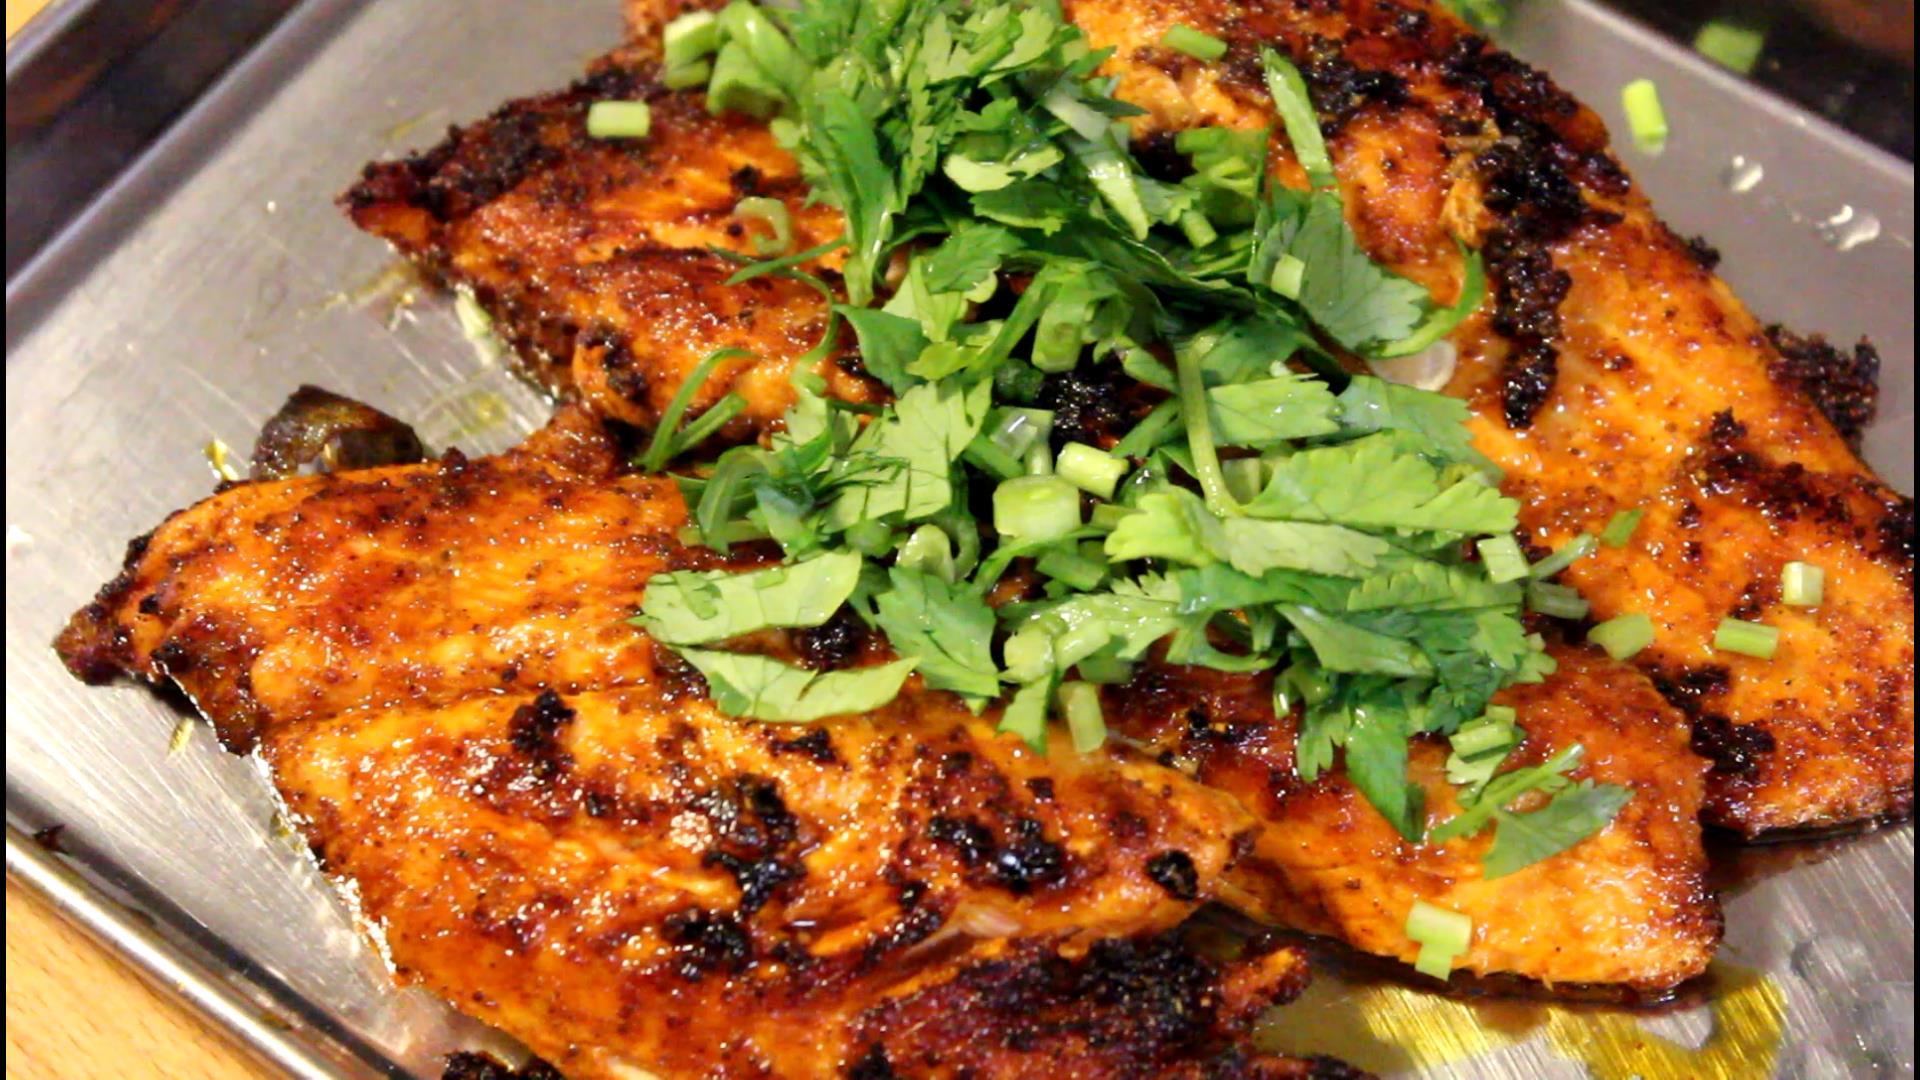 鮭のスパイス焼きのレシピ